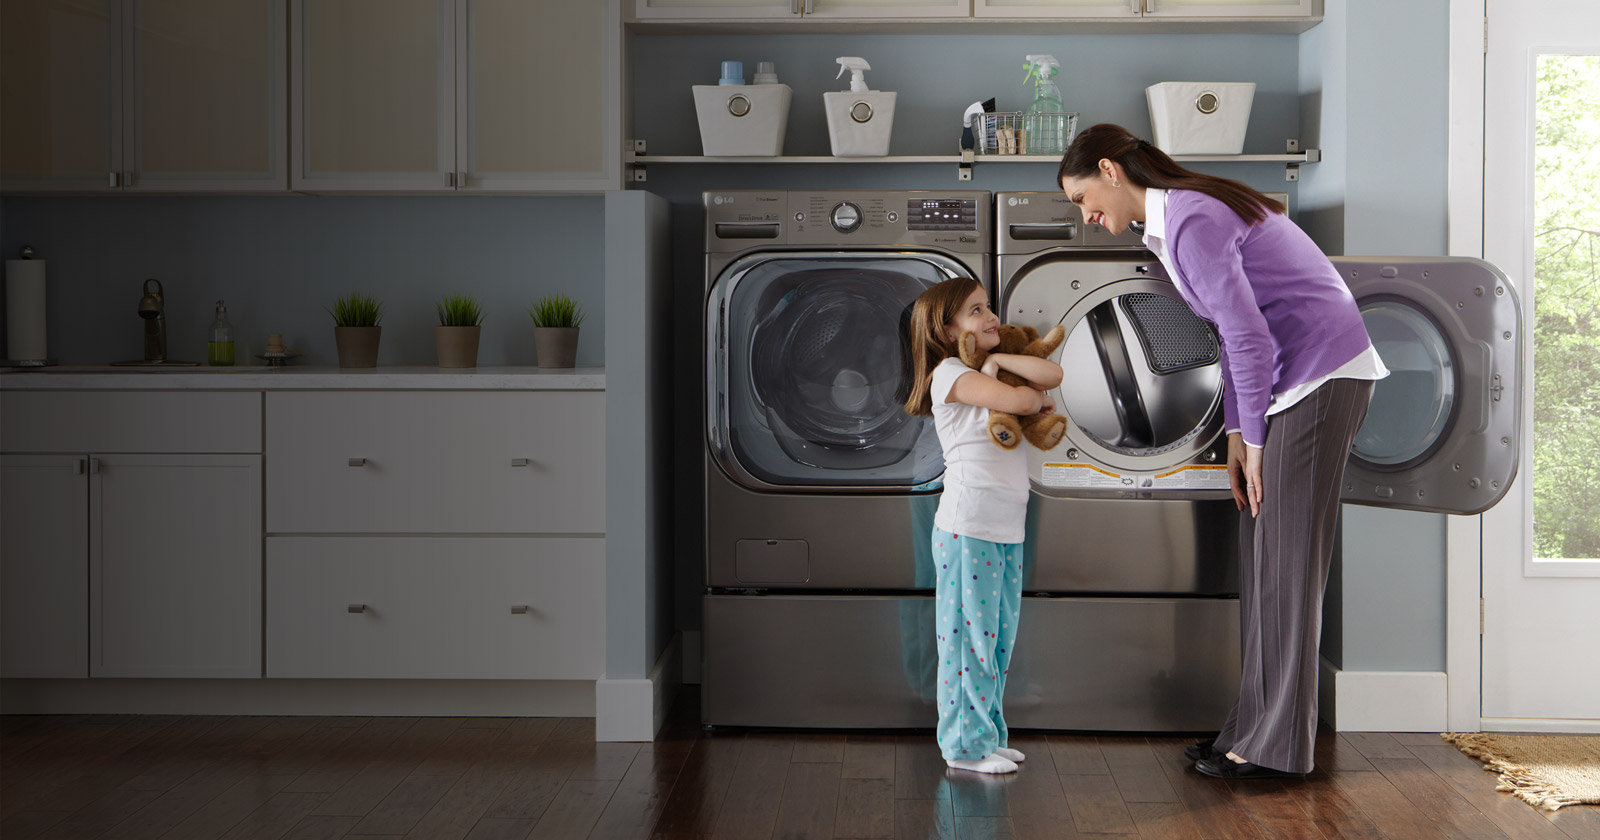 نکاتی جزئی اما مهم در نگهداری ماشین لباسشویی